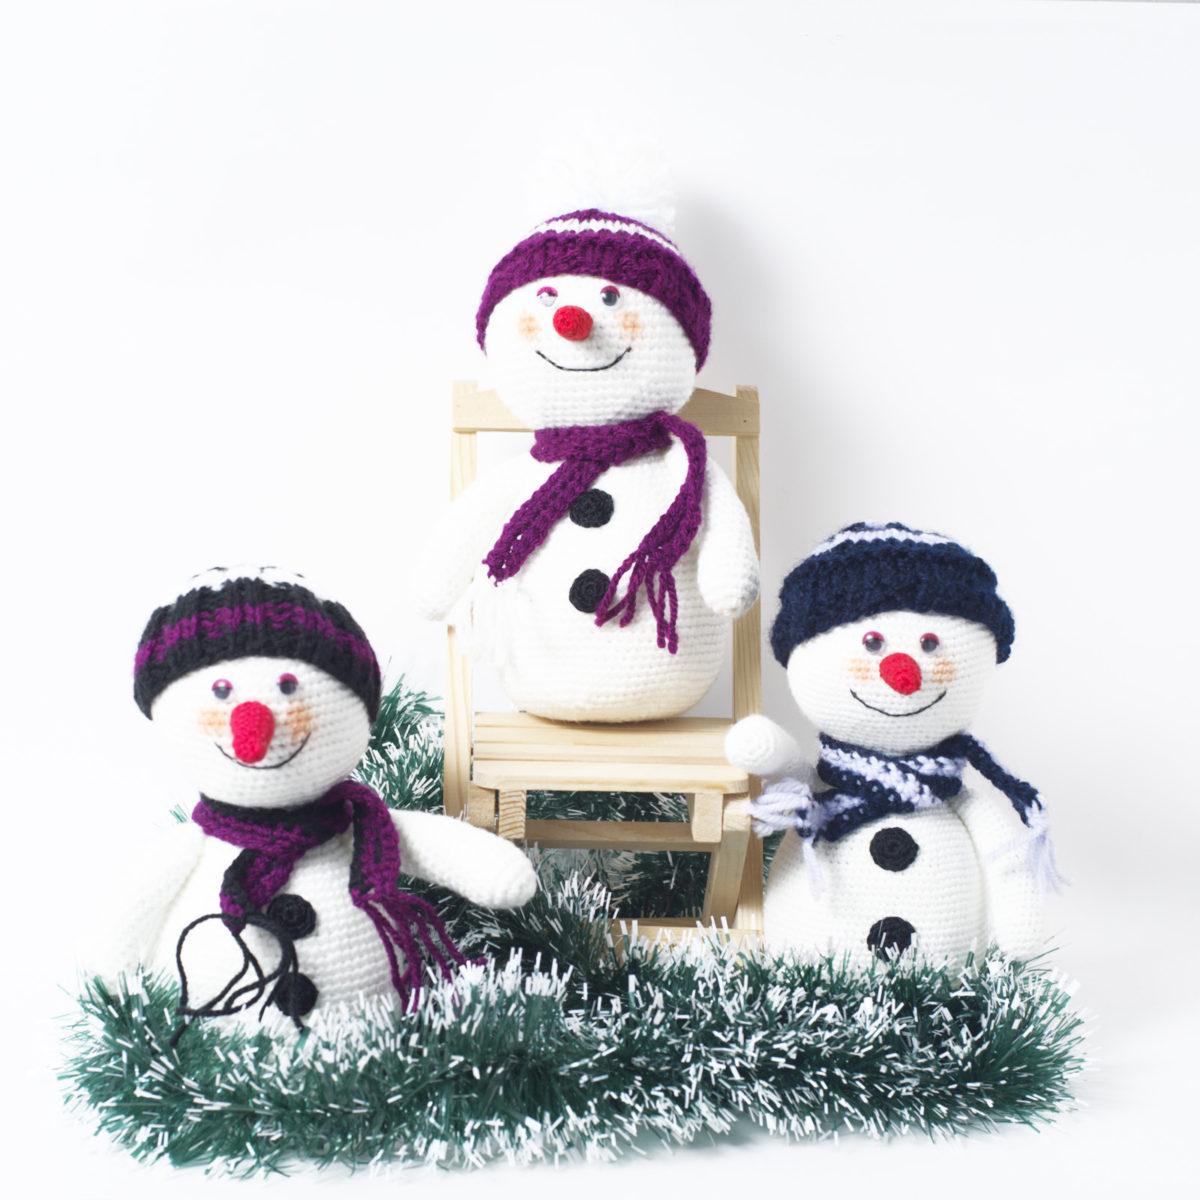 Снеговик по привлекательной цене, 15-16 см